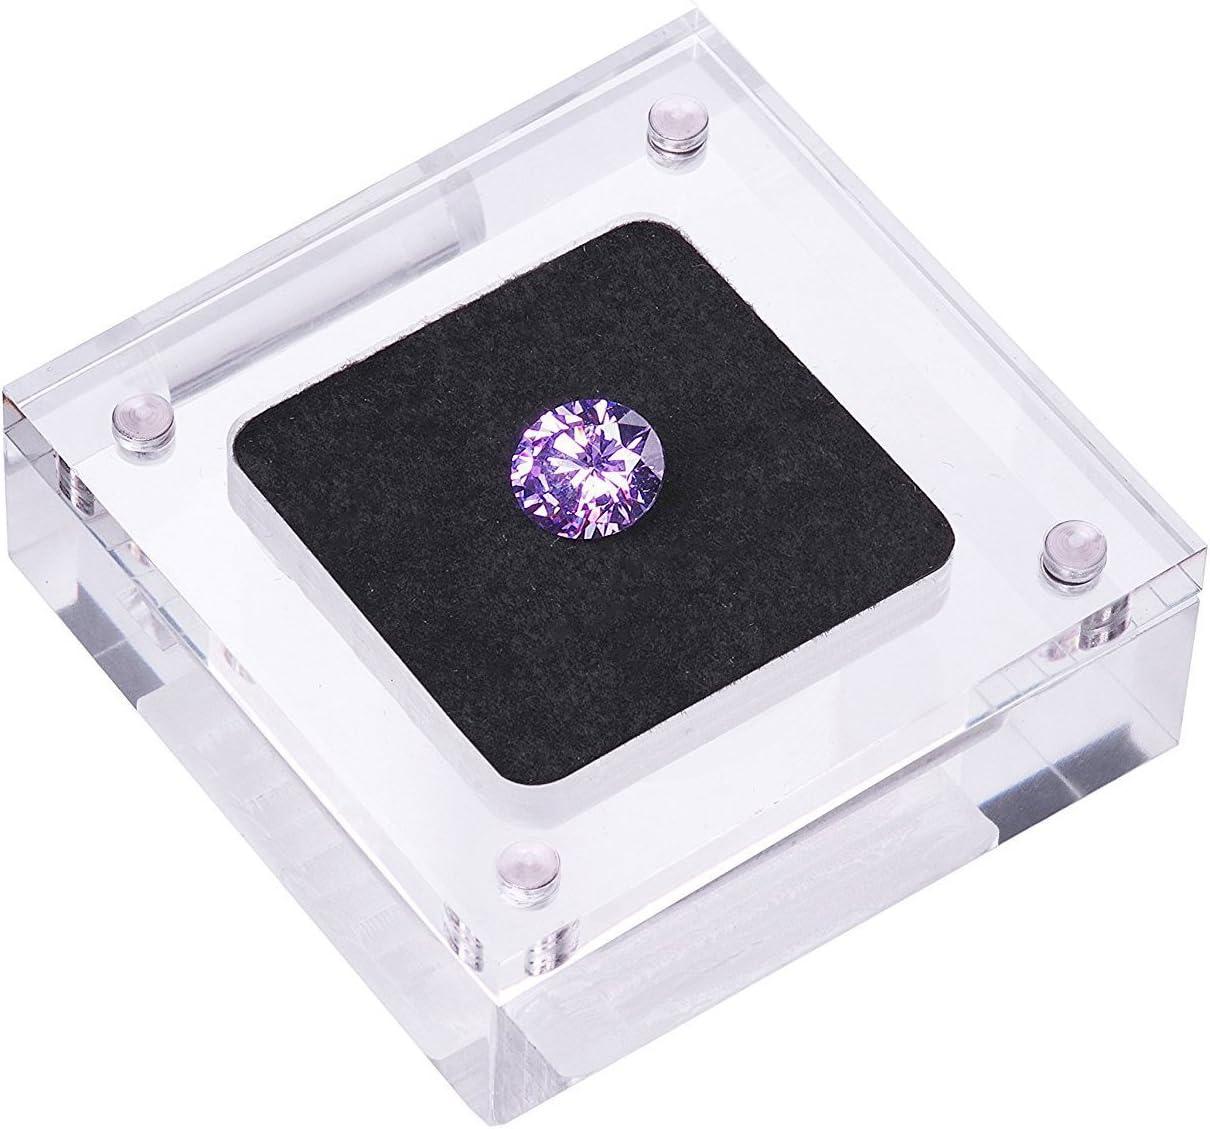 Diamant Displayständer Acryl Halten Edelstein Schaukasten Sale Schmuck